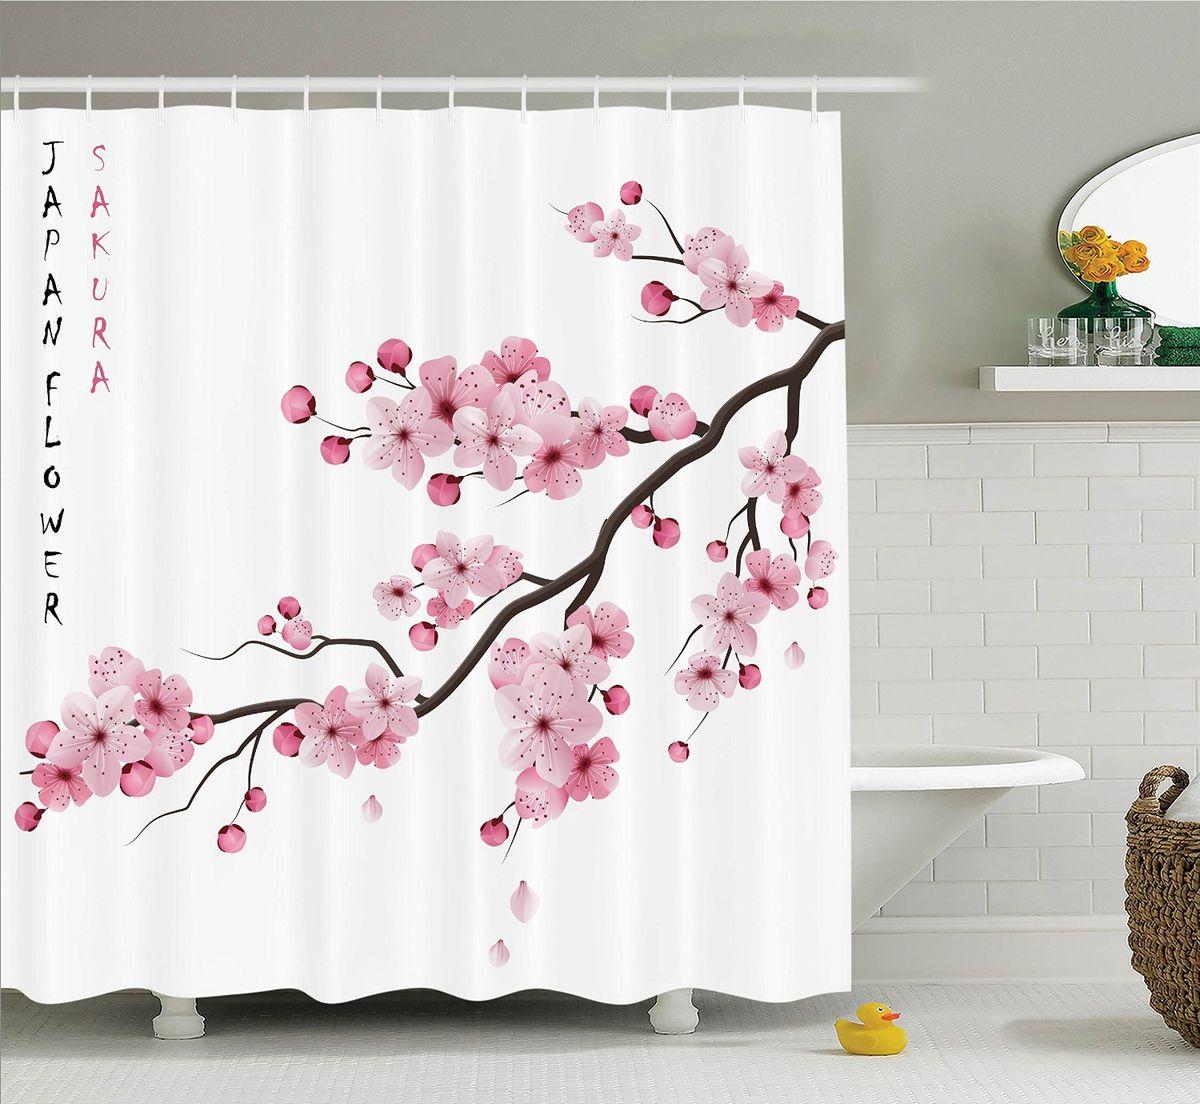 Штора для ванной комнаты Magic Lady Sakura Japan Flower, 180 х 200 смшв_12217Штора Magic Lady Sakura Japan Flower, изготовленная из высококачественного сатена (полиэстер 100%), отлично дополнит любой интерьер ванной комнаты. При изготовлении используются специальные гипоаллергенные чернила для прямой печати по ткани, безопасные для человека.В комплекте: 1 штора, 12 крючков. Обращаем ваше внимание, фактический цвет изделия может незначительно отличаться от представленного на фото.